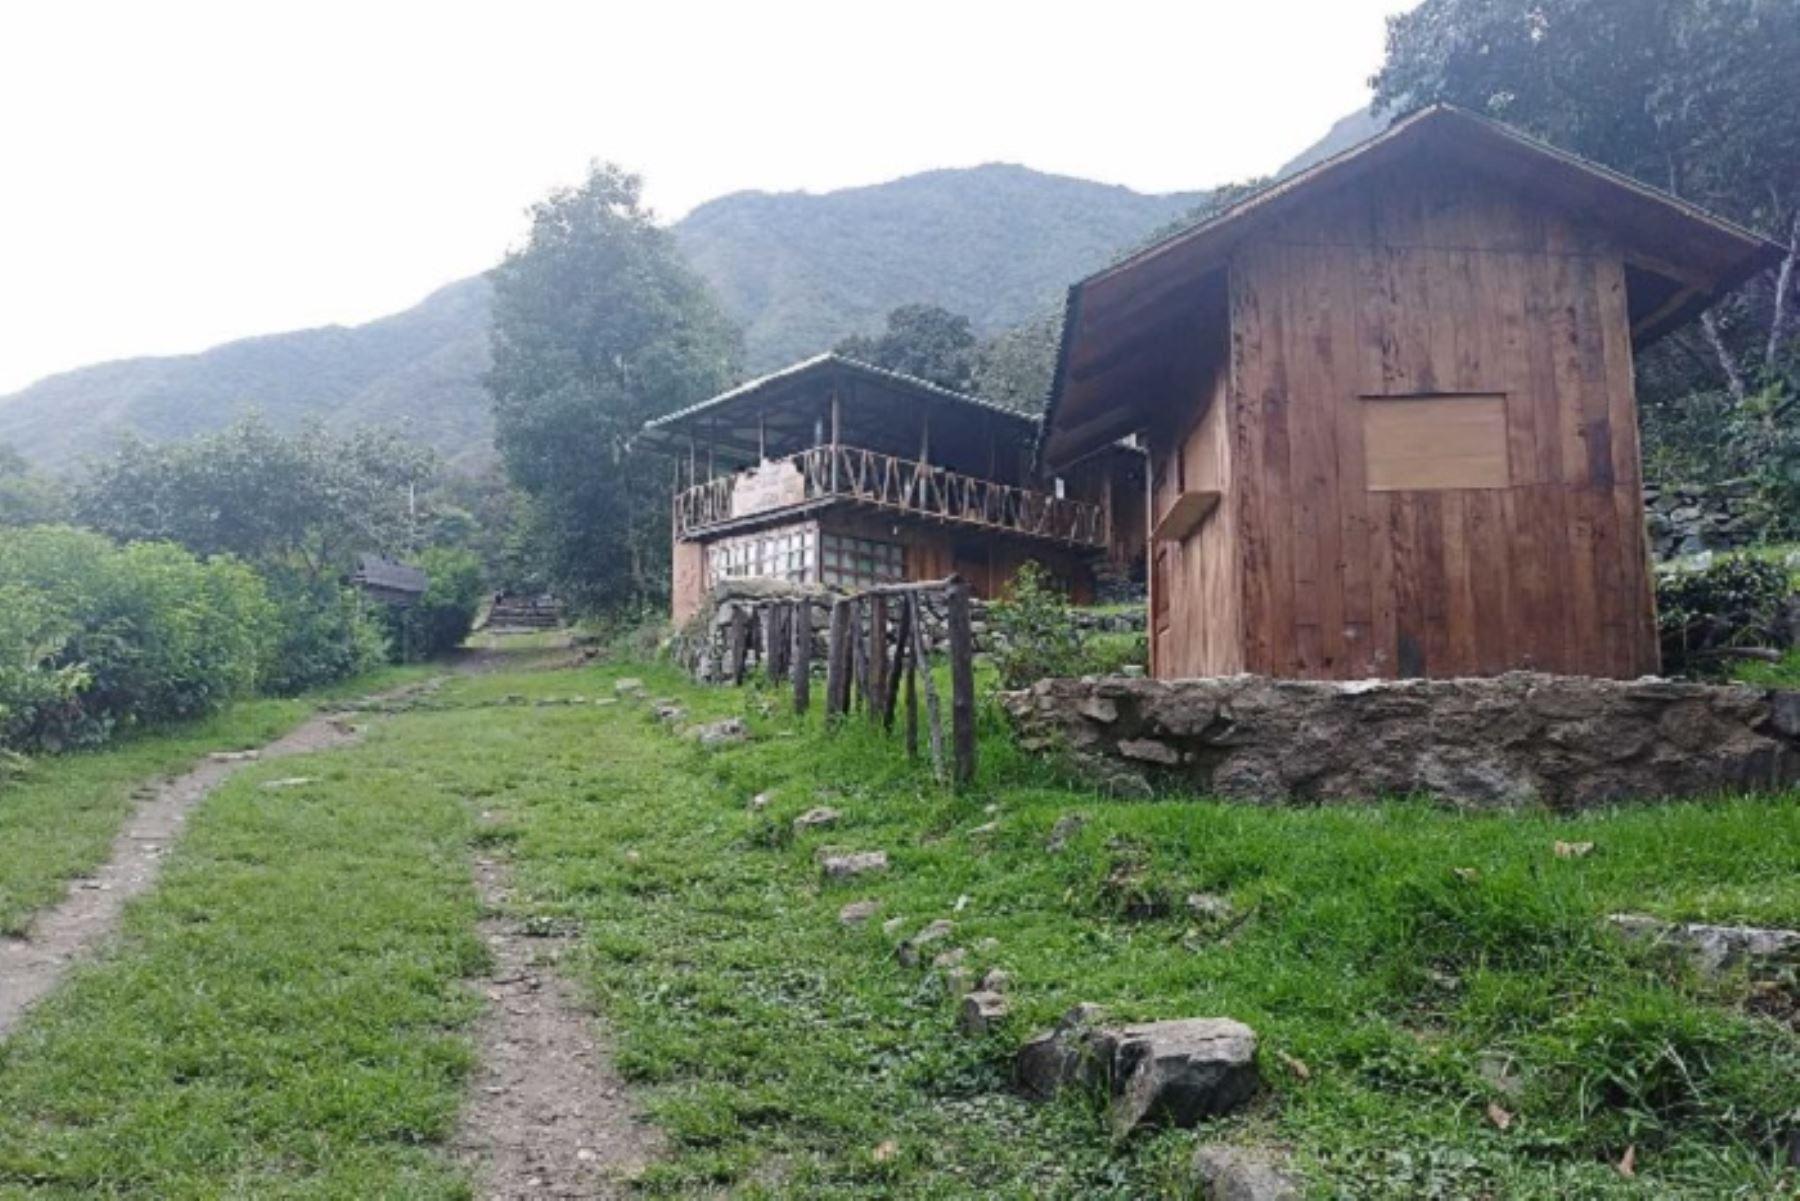 El ingreso al monumento arqueológico de Llaqtapata, del parque arqueológico de Machu Picchu, ya cuenta con un puesto de vigilancia ubicado en el sector de Luqmabamba, que se encargará del control de ingreso de visitantes nacionales y extranjeros.